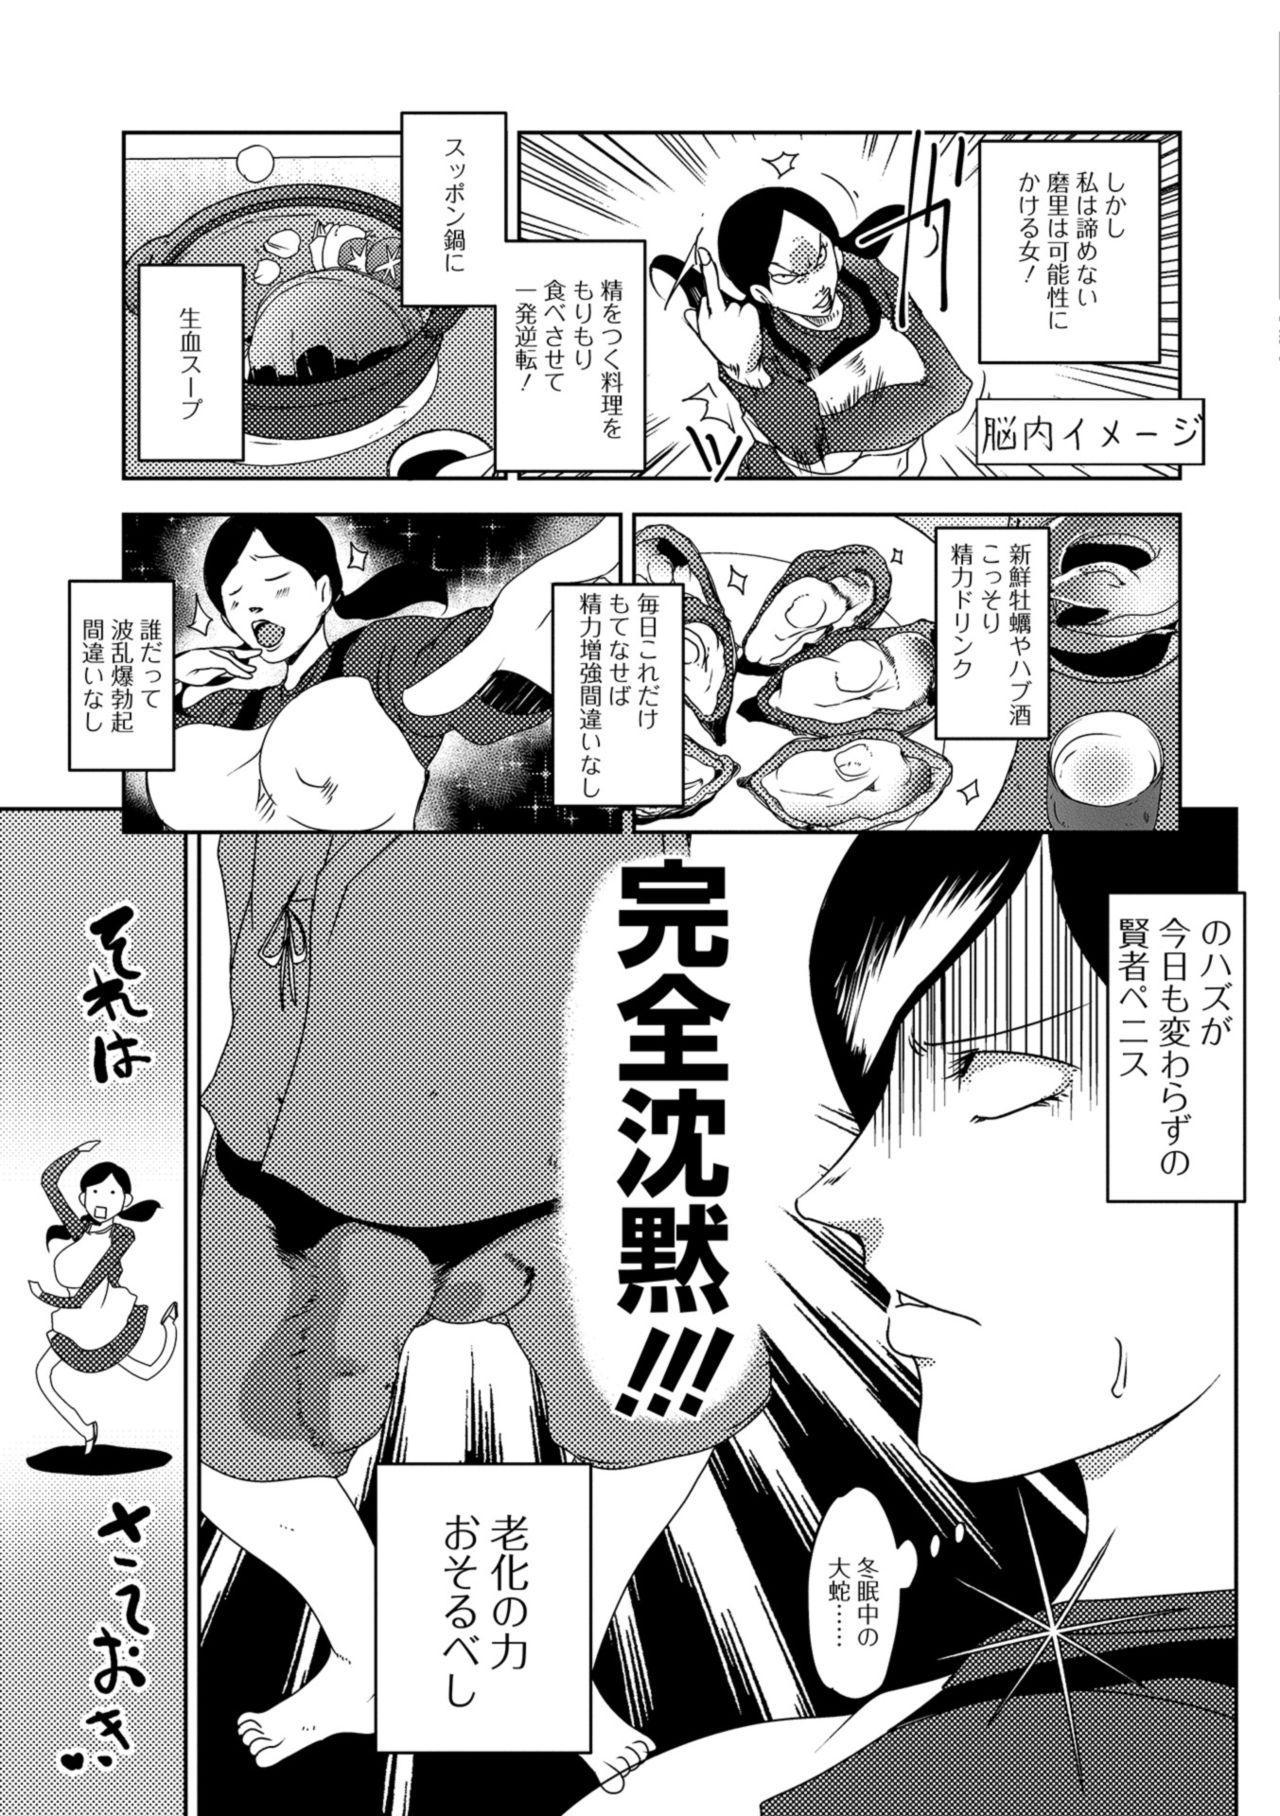 Web Haishin Gekkan Tonari no Kininaru Oku-san Vol. 019 62